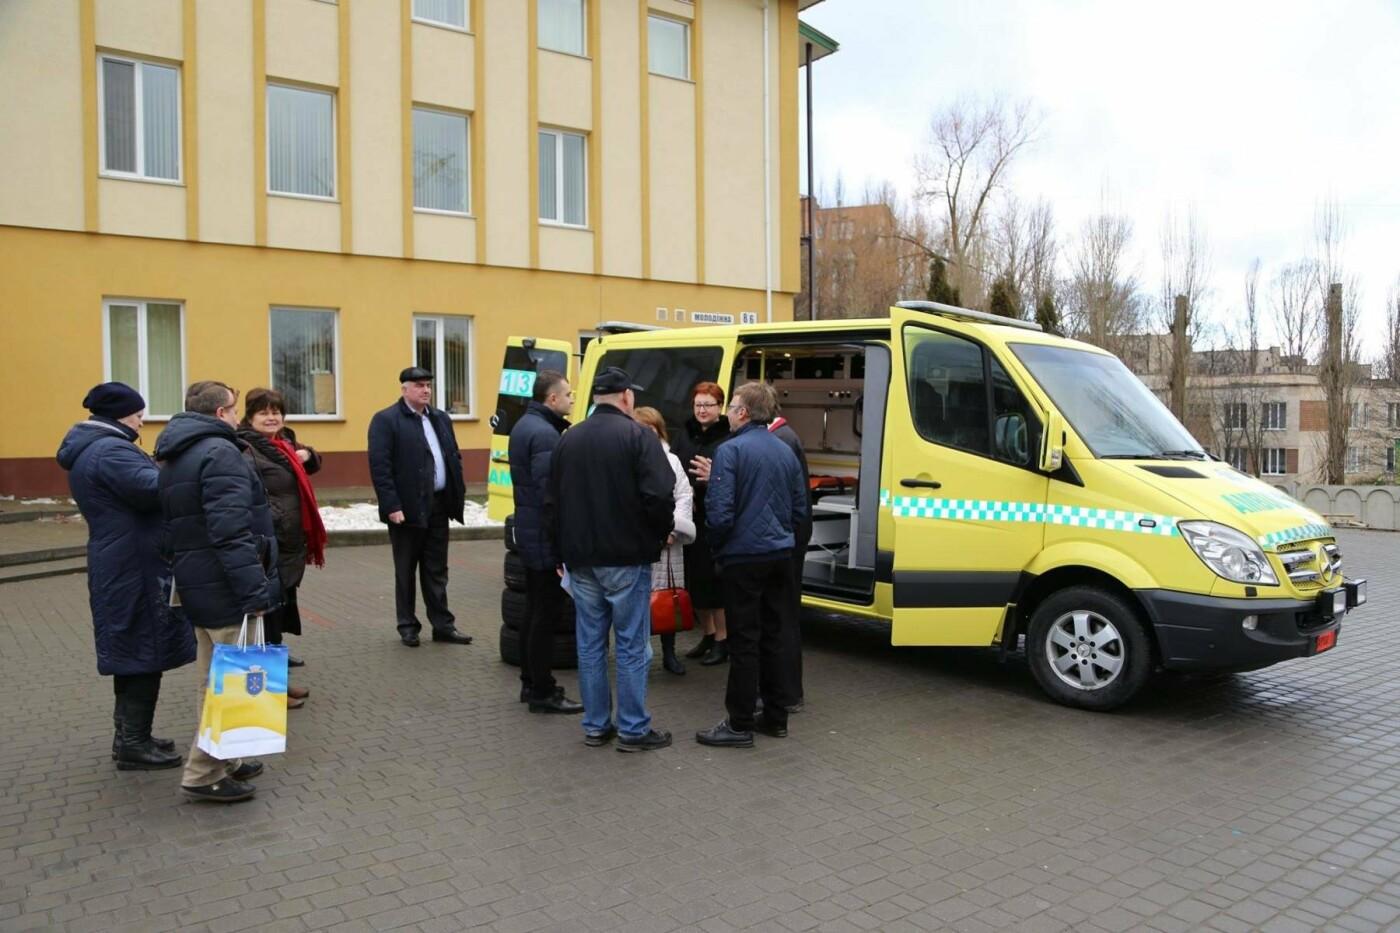 Сучасний реанімобіль відтепер обслуговуватиме маленьких пацієнтів Хмельницької міської дитячої лікарні, фото-6